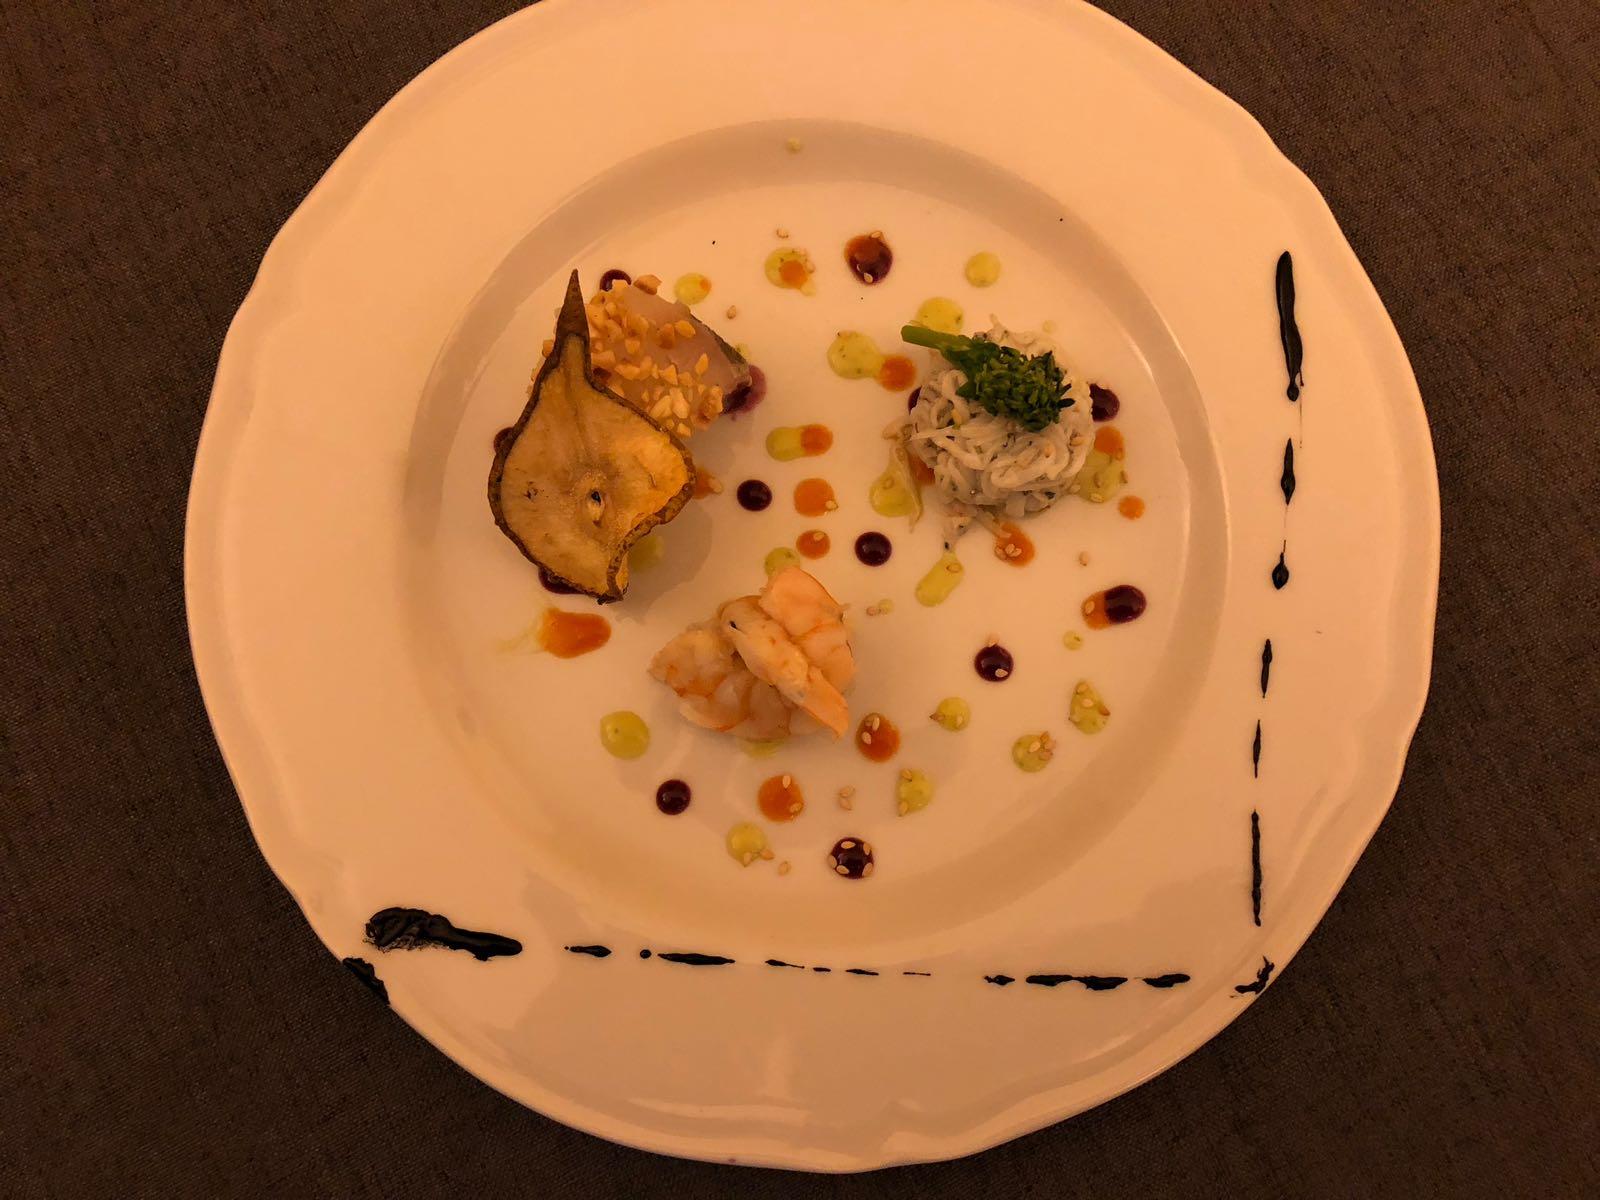 ristorante_le_nuvole_a_ercolano_galleria_foto_ristorante_seconda_portata_4